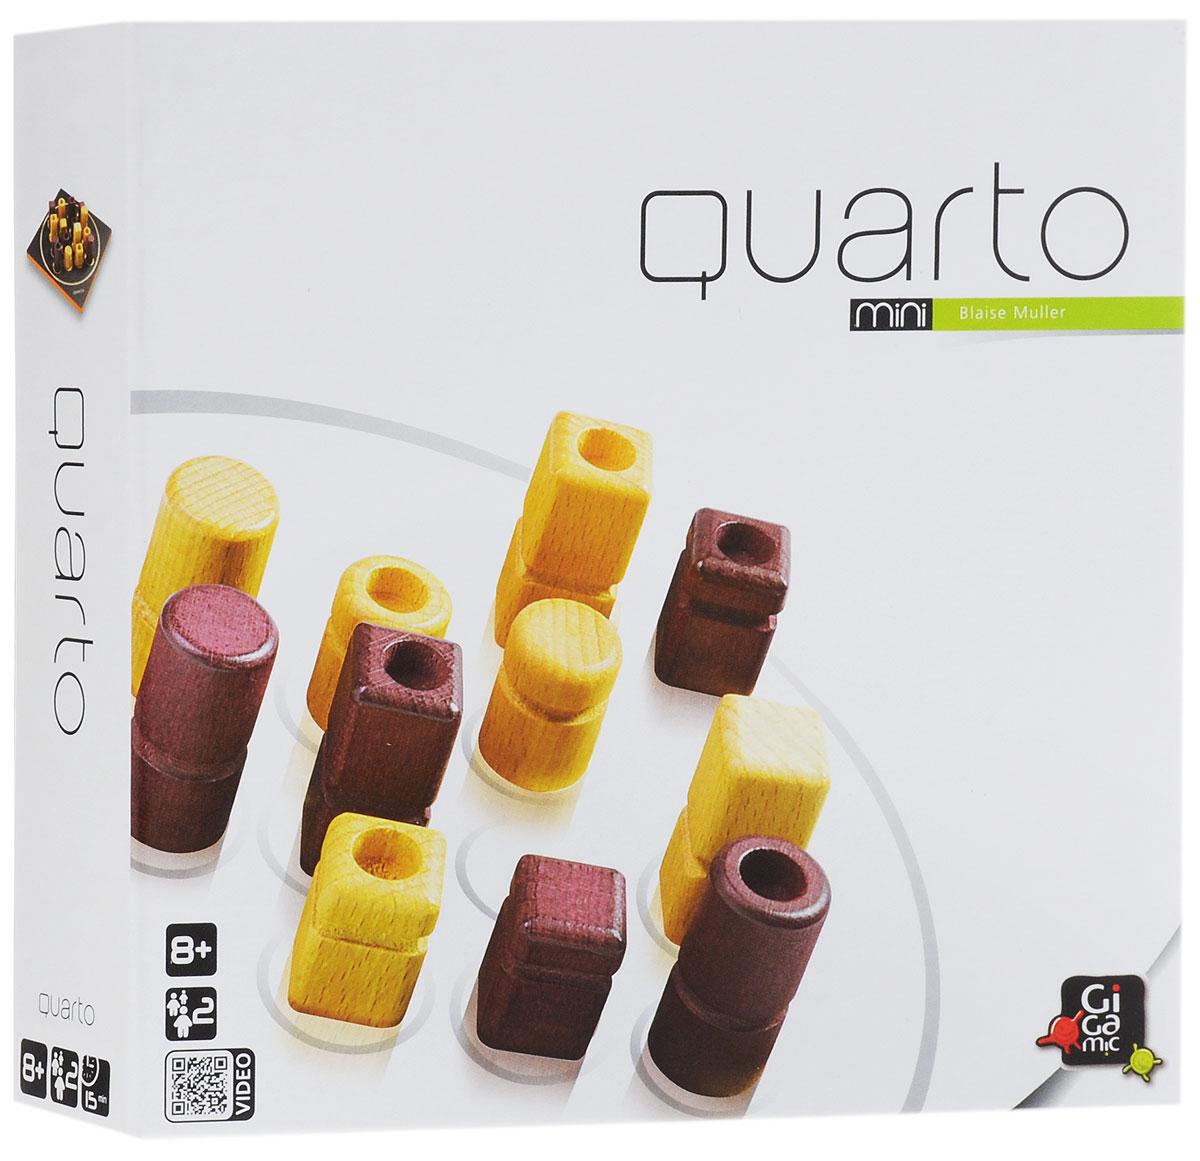 Gigamic Настольная игра Кварто мини-версияР61781Настольная мини-игра Кварто (Quarto Mini) - это прекрасный способ времяпрепровождения, такое развлечение придется по душе, как взрослым, так и детям. Суть игры заключается в следующем: в игре присутствует 16 фигур, отличающихся четырьмя признаками, ваша задача - собрать ряд из четырех фигур, хотя бы с одним общим признаком. Это может быть ряд из светлых фигур или из темных, из низких или высоких, из фигур с выемкой или фигур без нее, из круглых или квадратных. Казалось бы, все просто, но есть одна проблема - фигуру, которой вы будете делать ход, выбирает соперник. В комплект игры входят: игровое поле, 16 фигурок, мешочек для хранения и правила игры на русском языке. Количество: 2-4 игрока. Время игры: 15 минут.